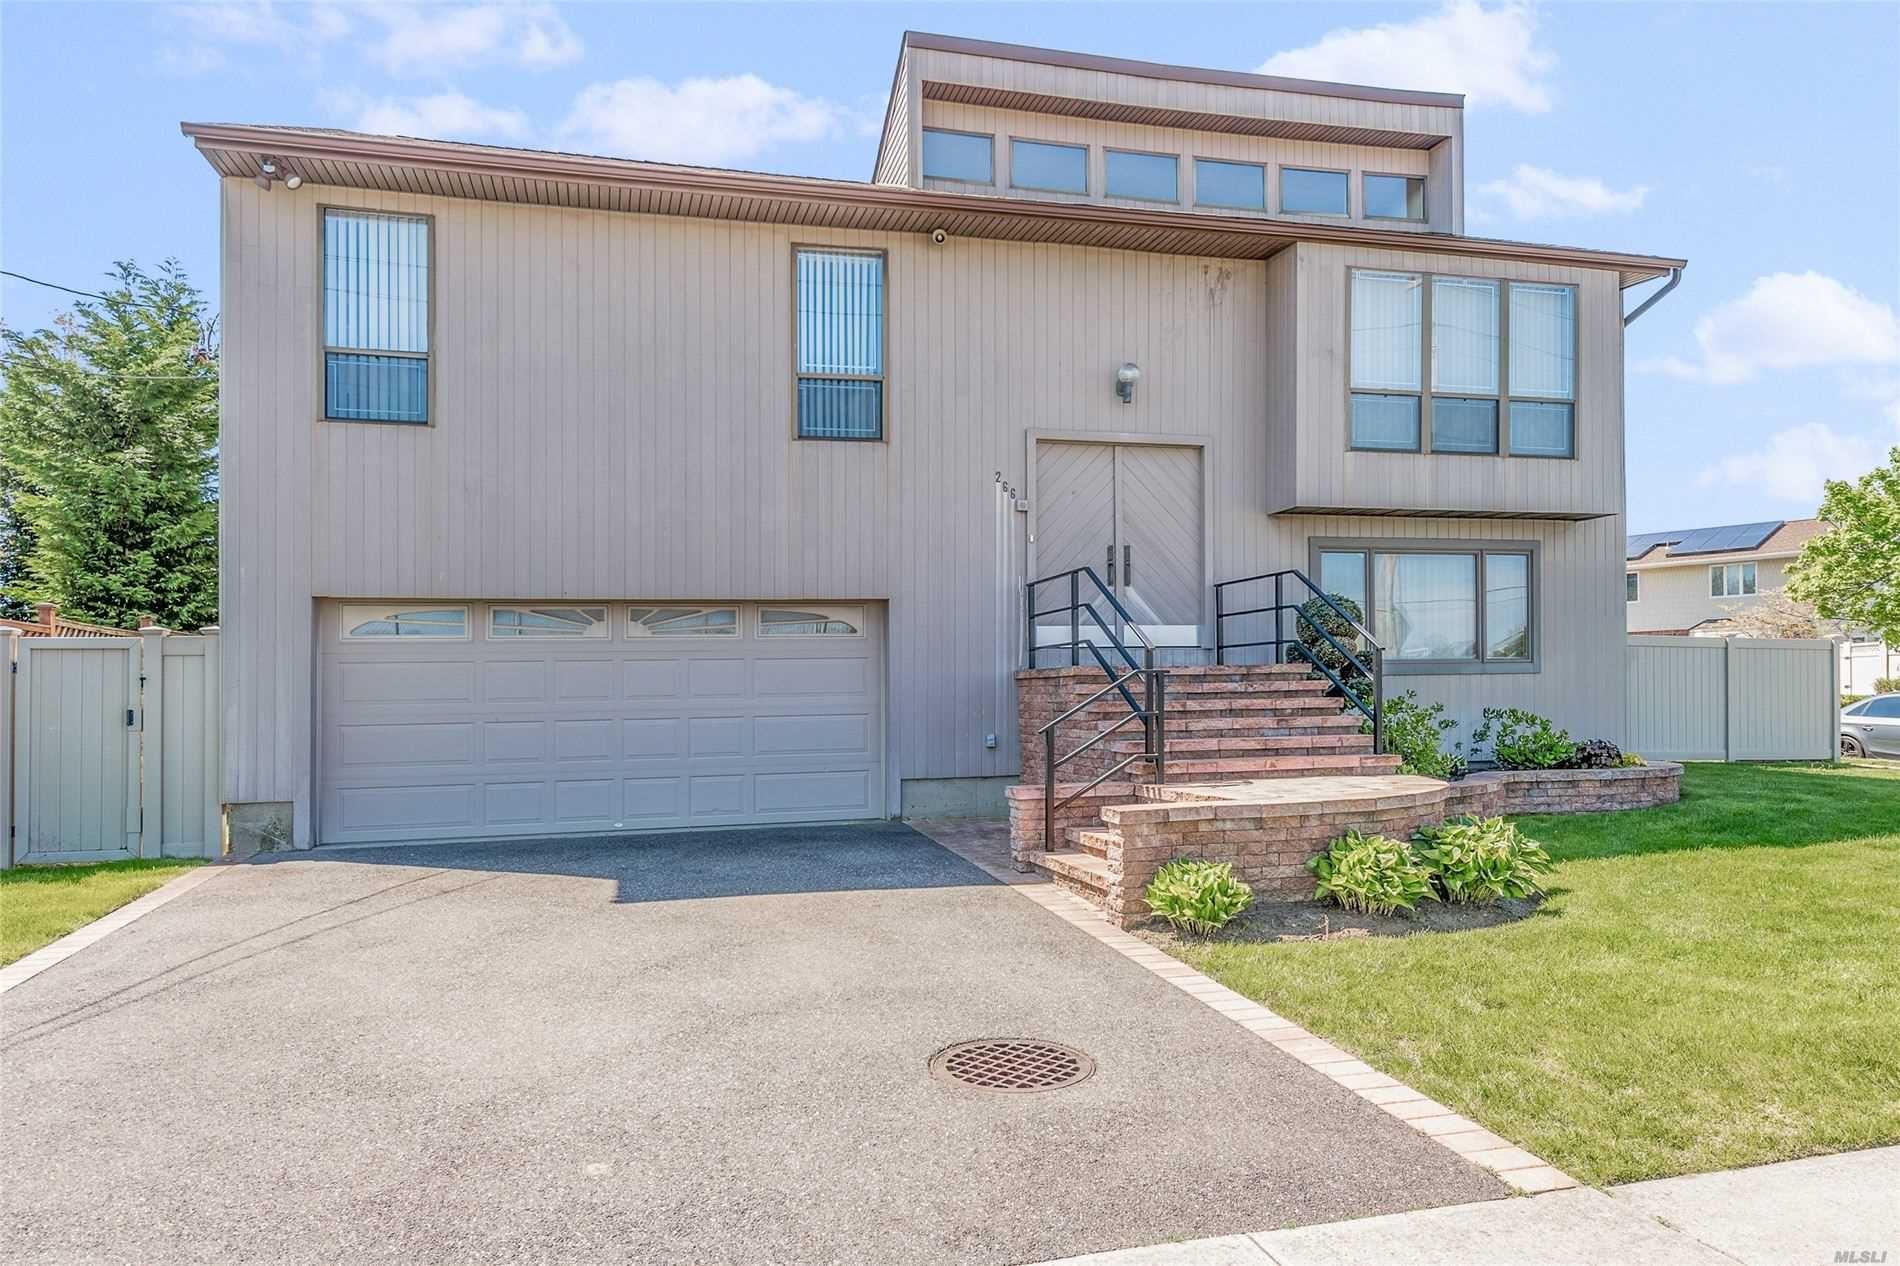 266 Mott St, Oceanside, NY 11572 - MLS#: 3215800